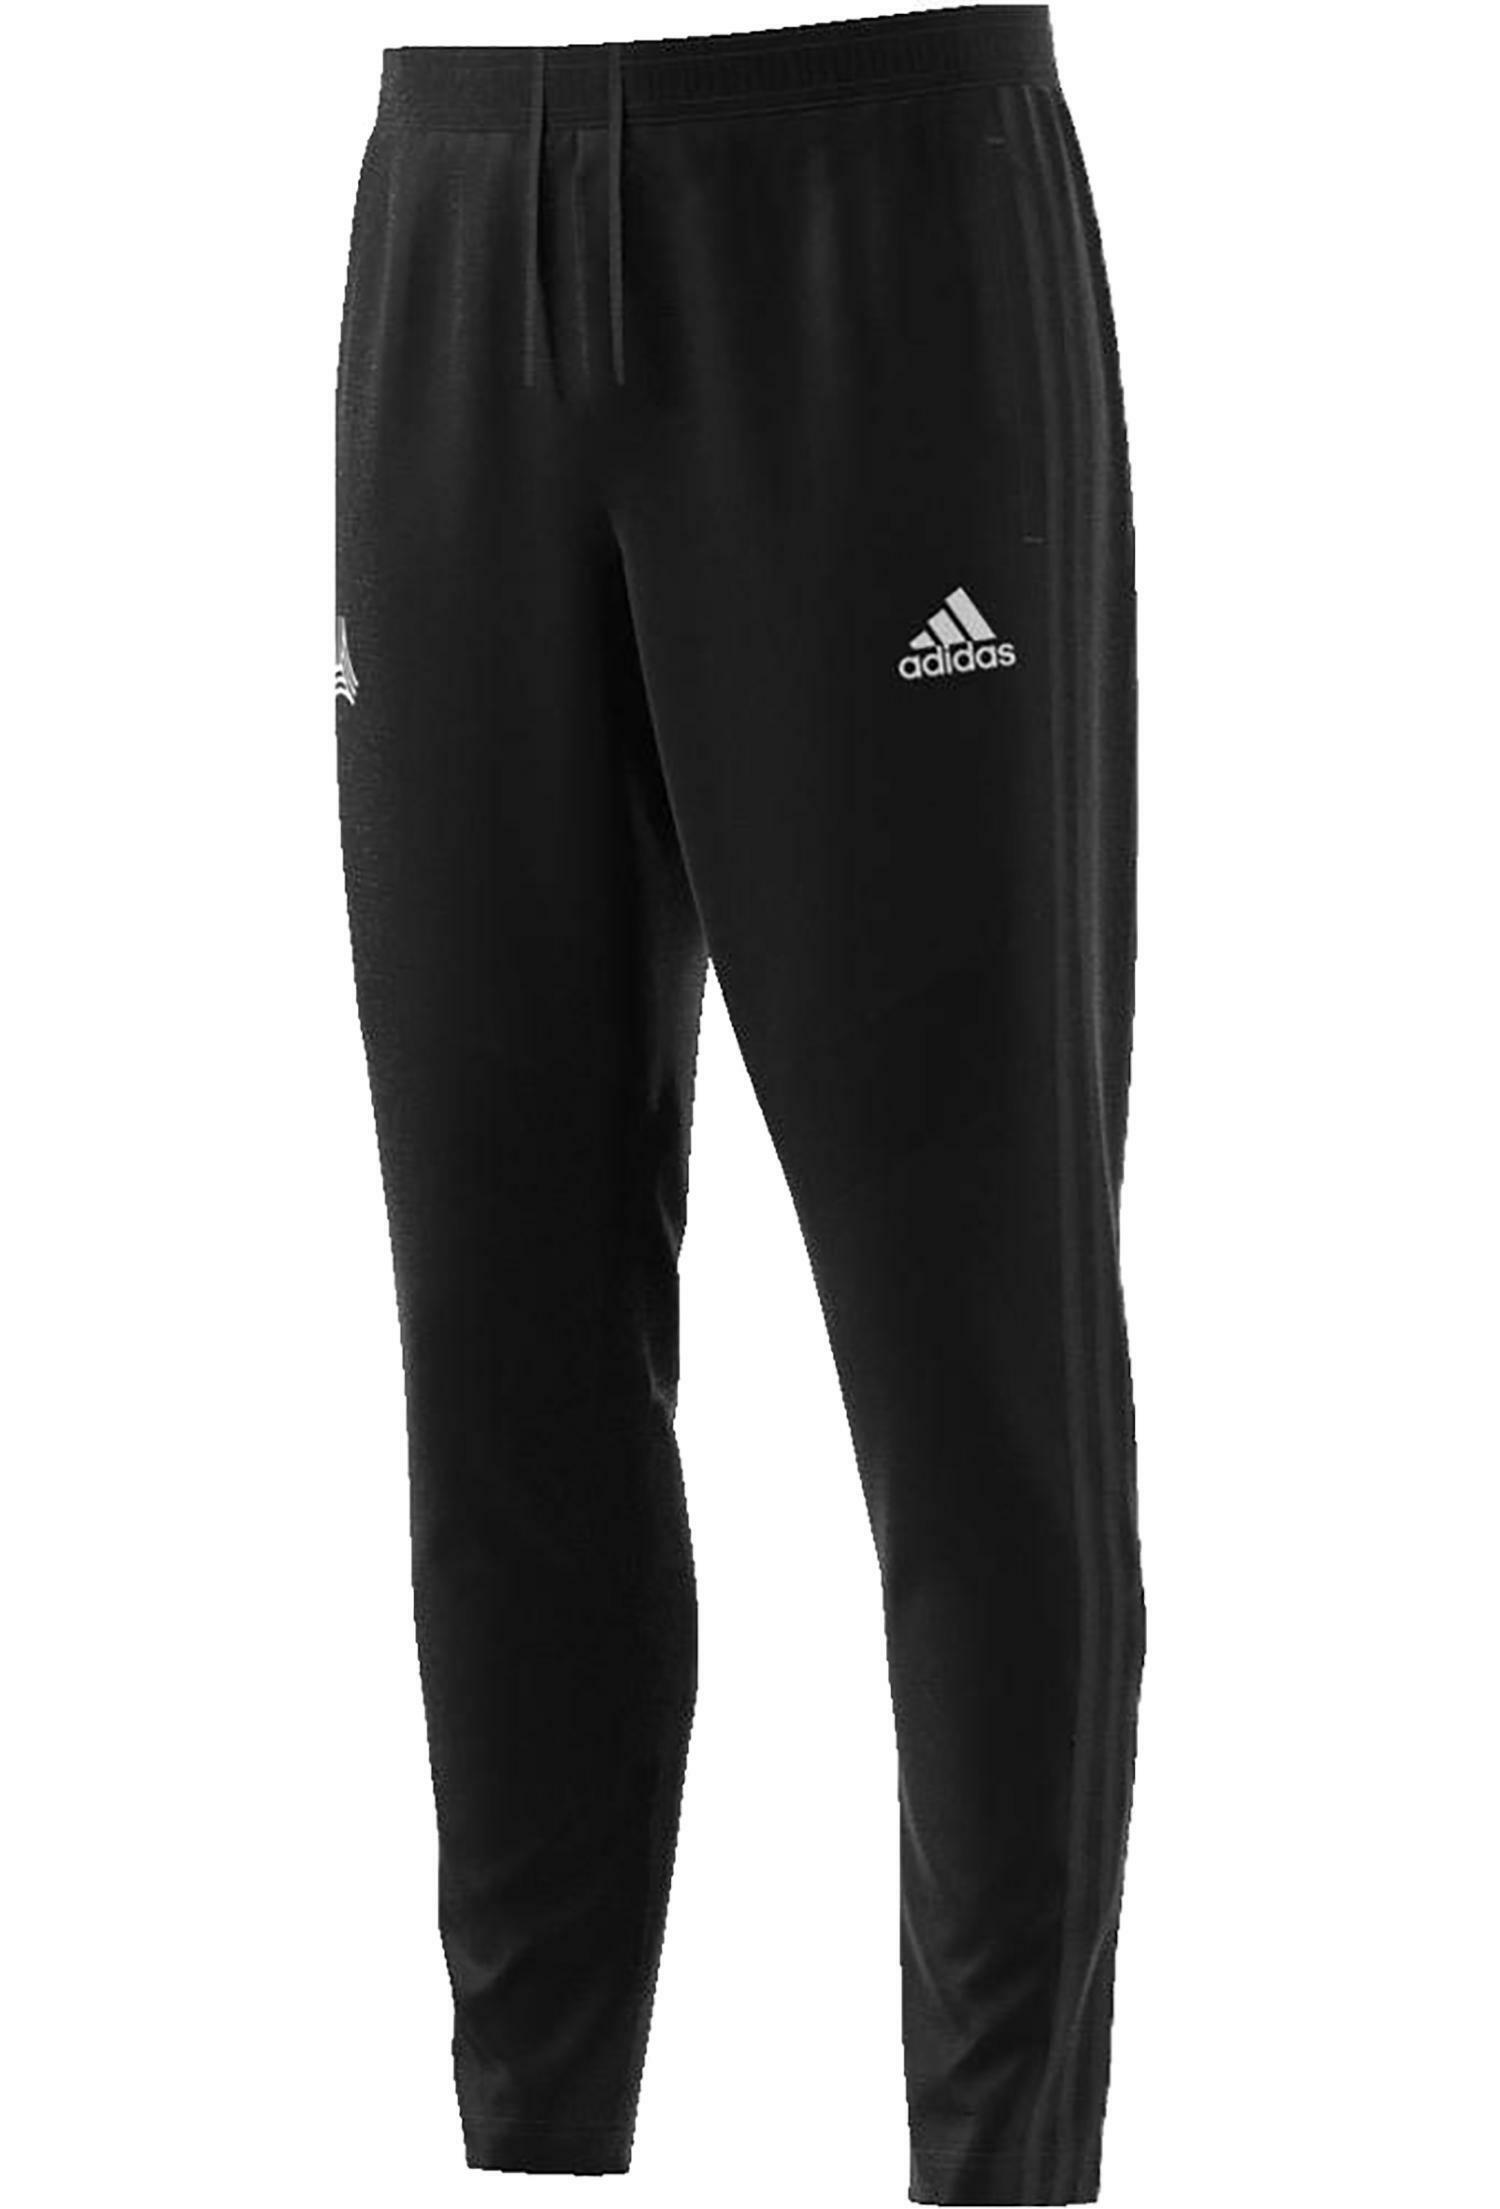 pantaloni adidas neri uomo